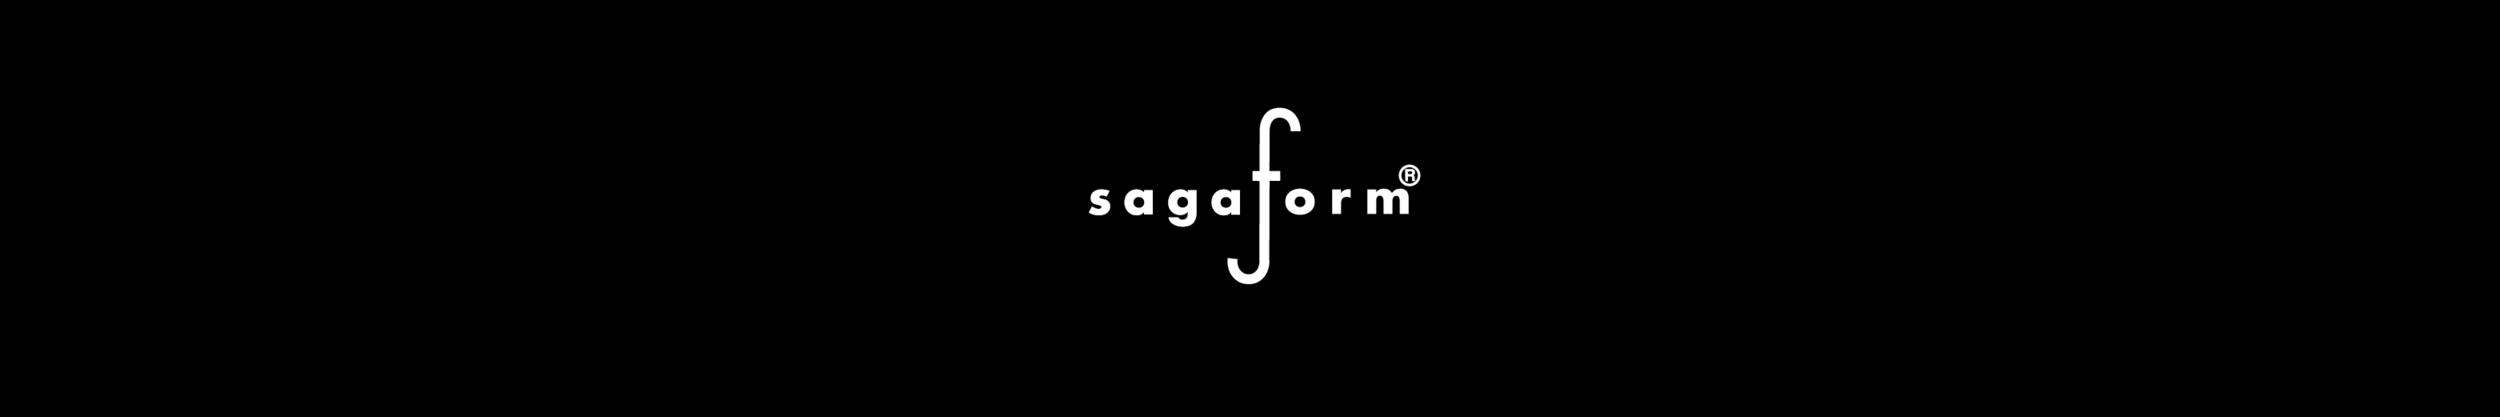 sagaform_logo.png